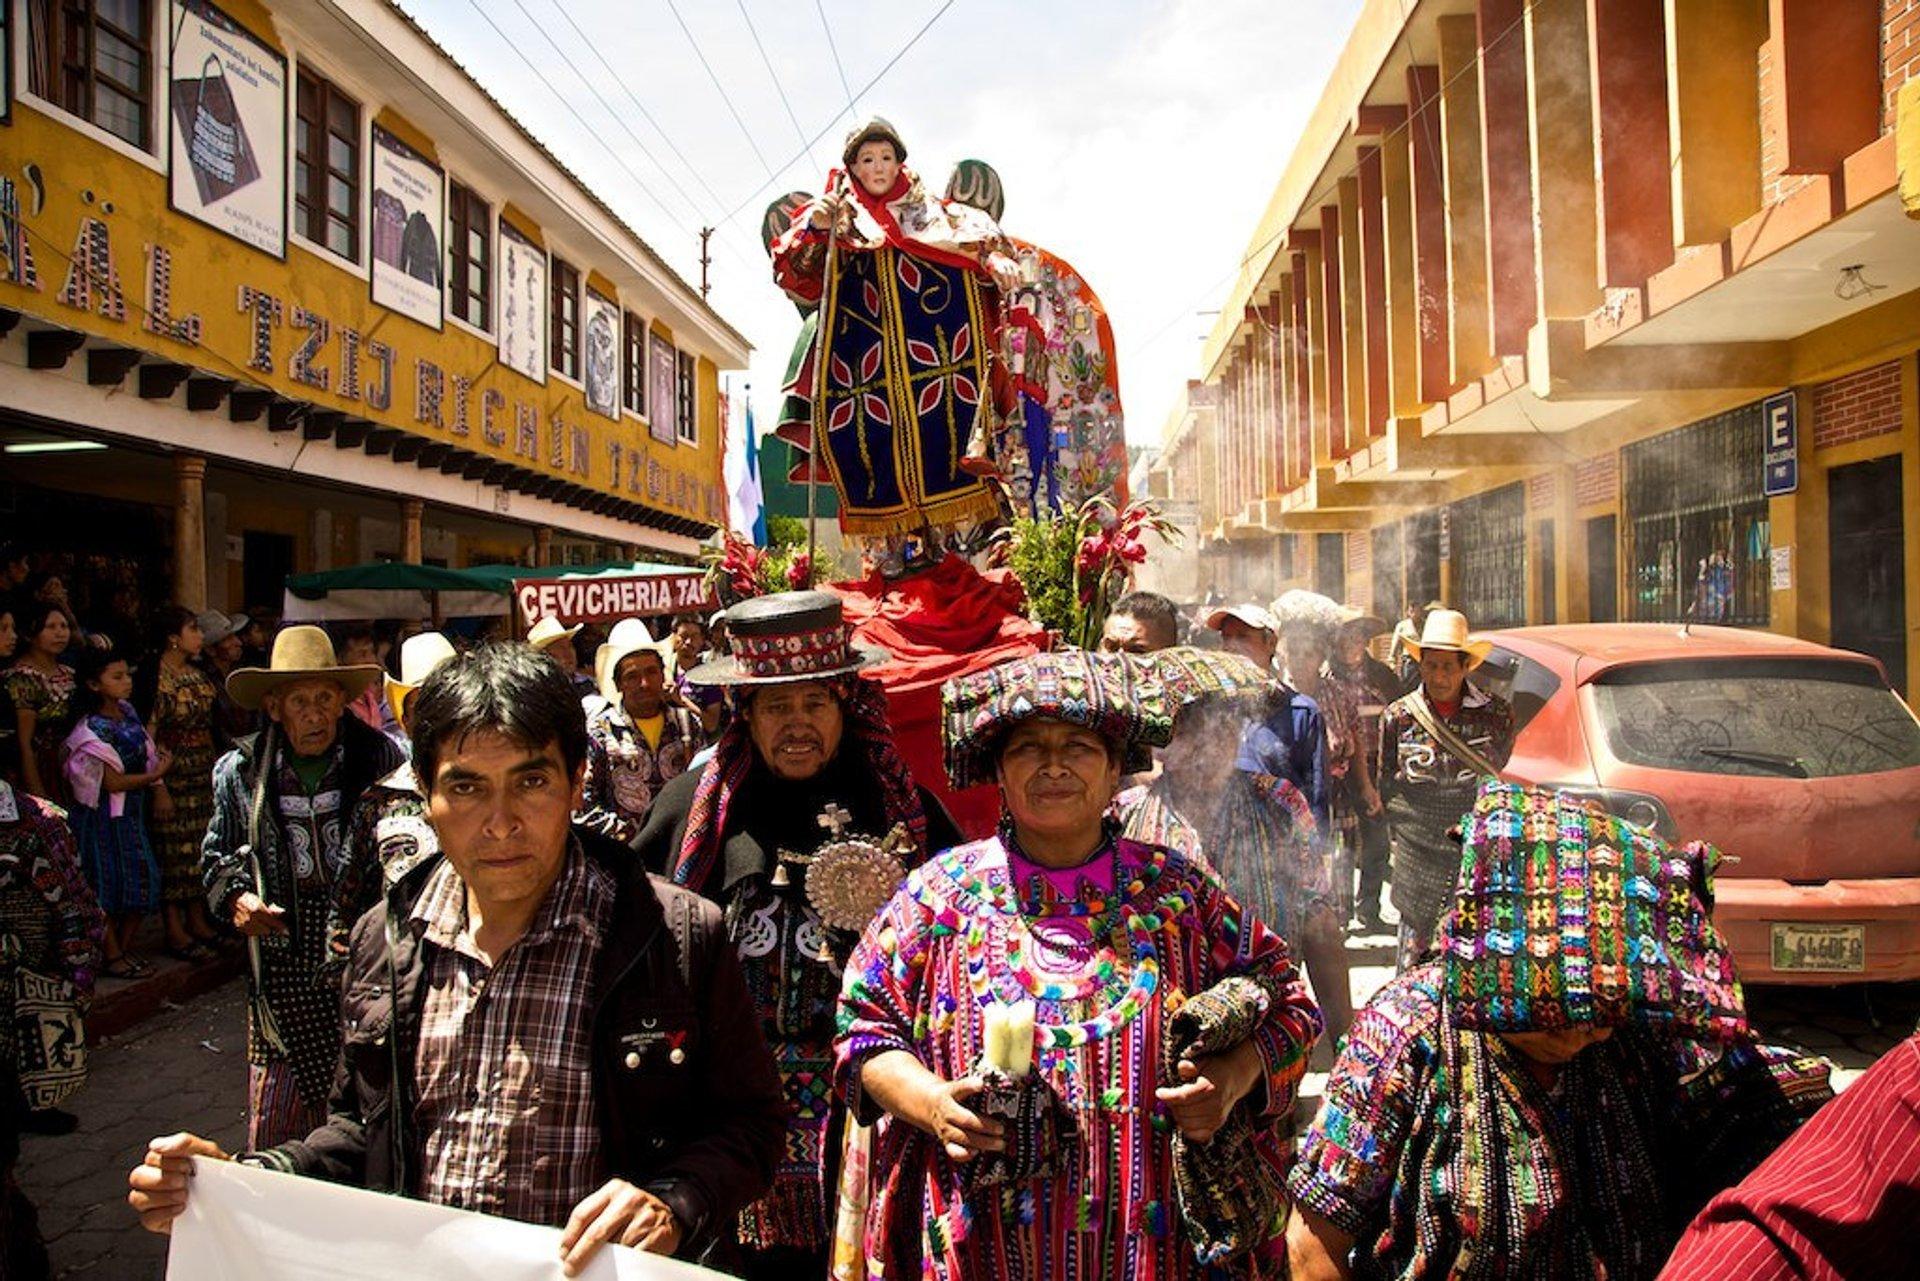 Día de la Asunción in Guatemala 2019 - Best Time